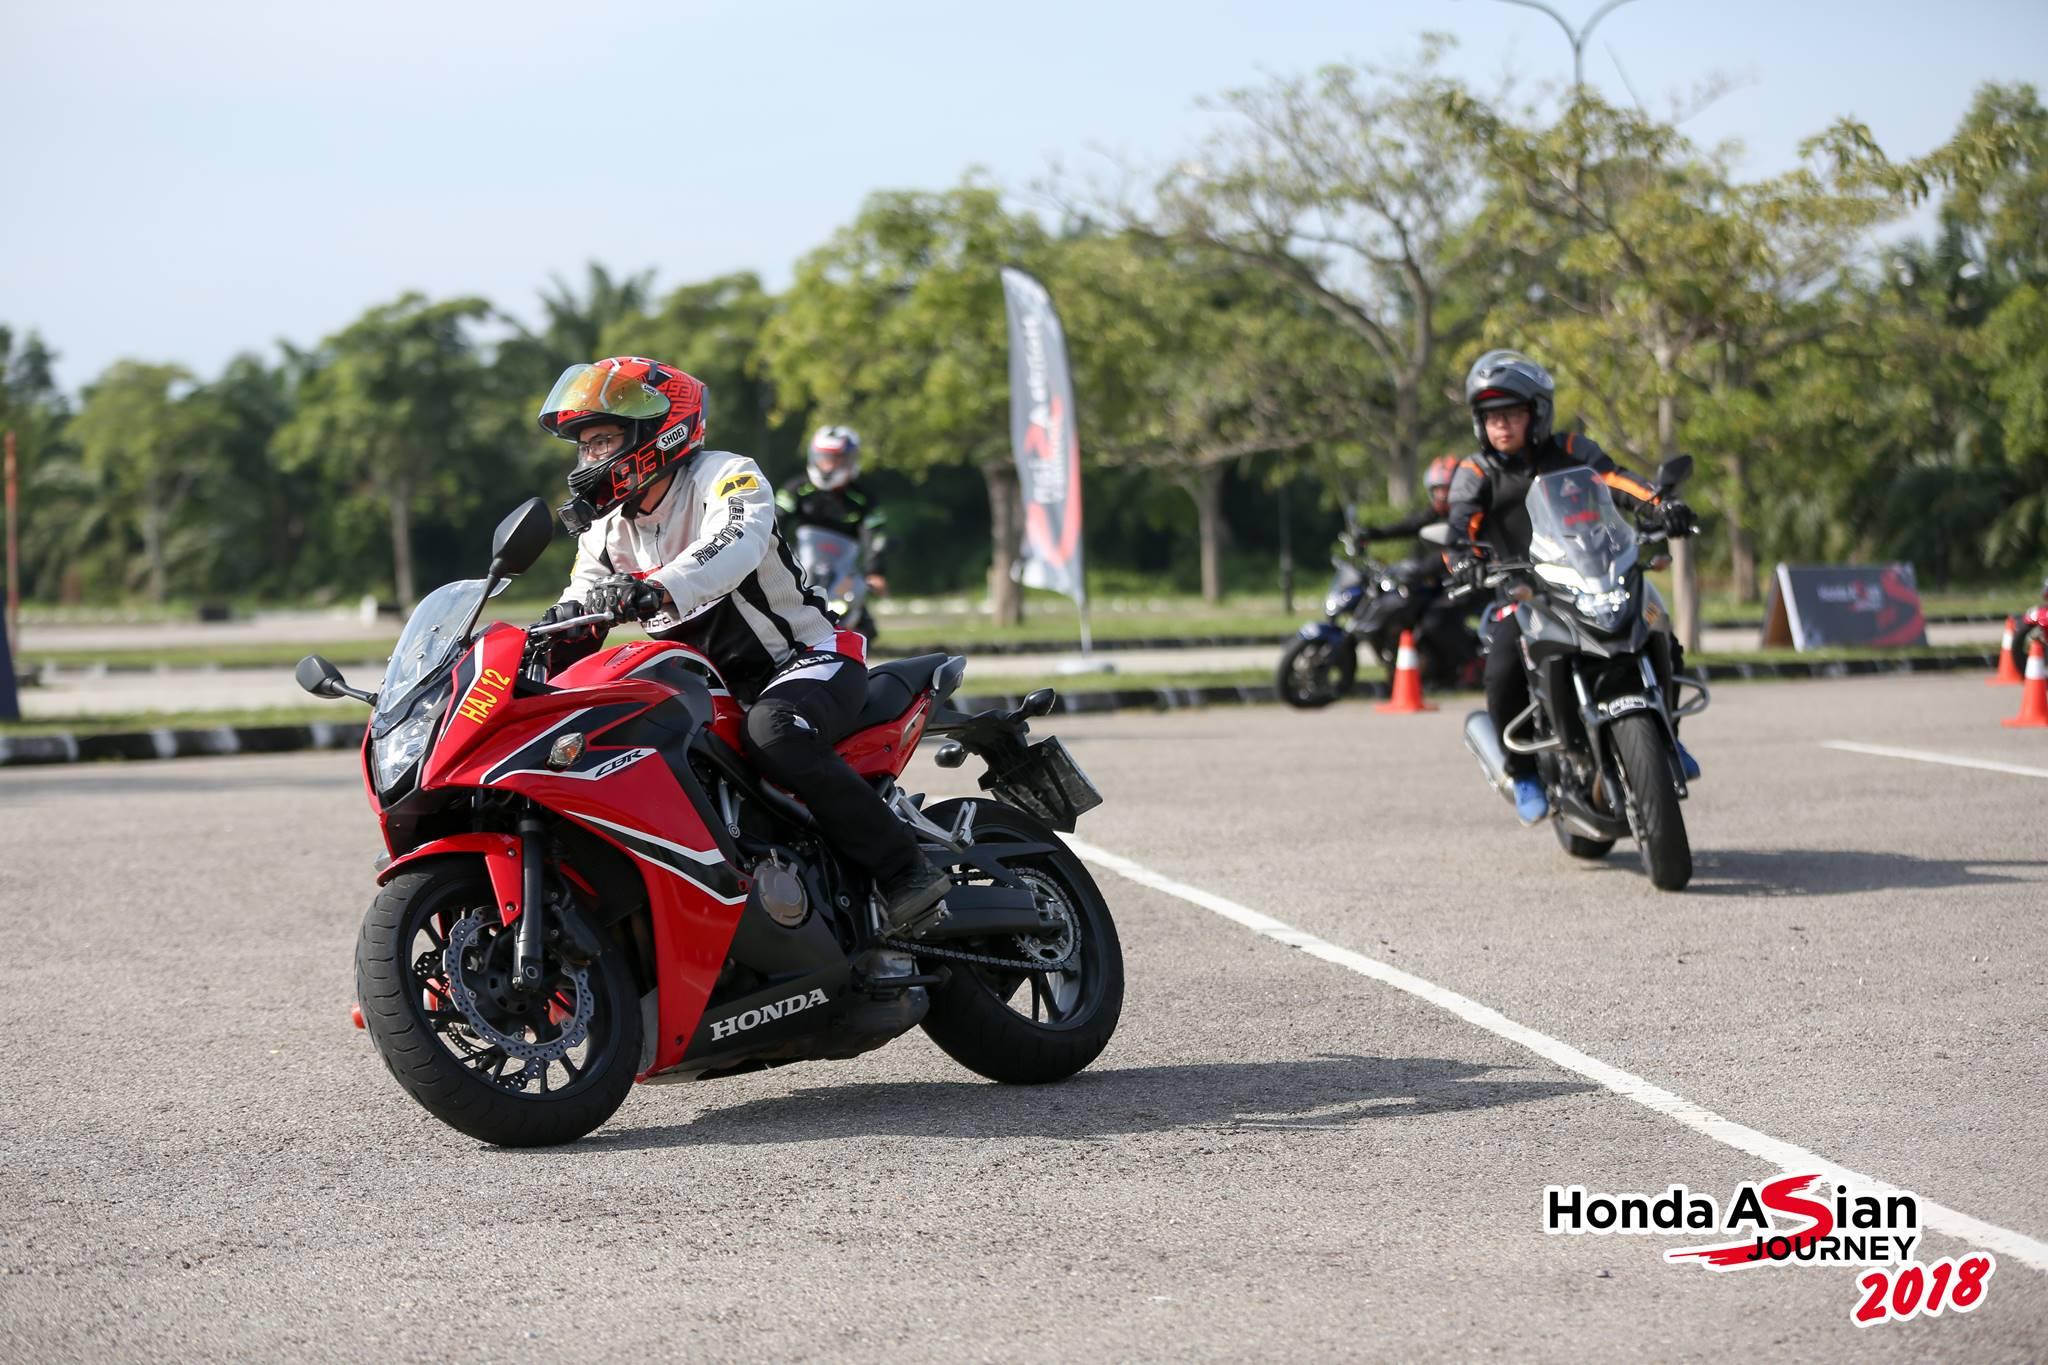 honda-asian-journey-2018-xe-tinhte-006.jpg